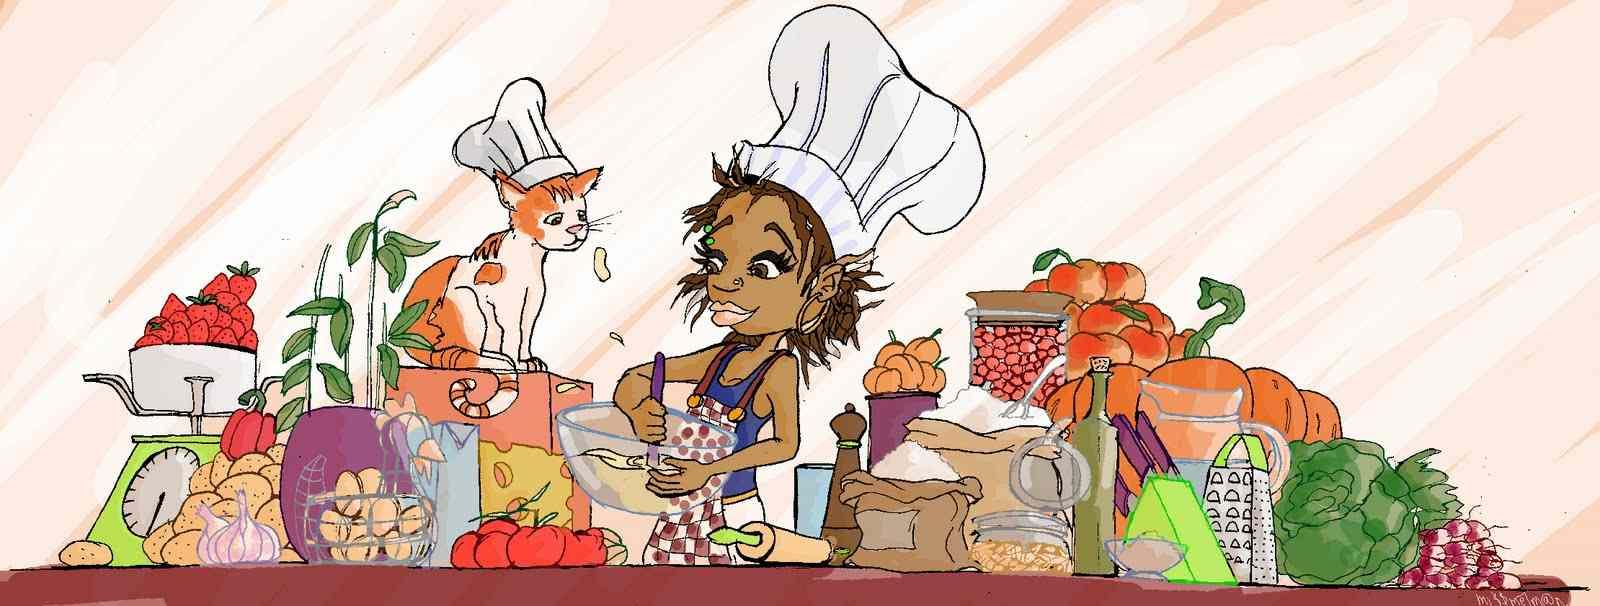 Auto-entrepreneuse sans diplome de cuisine. Est-ce obligatoire d'avoir d'une attestation de formation ?